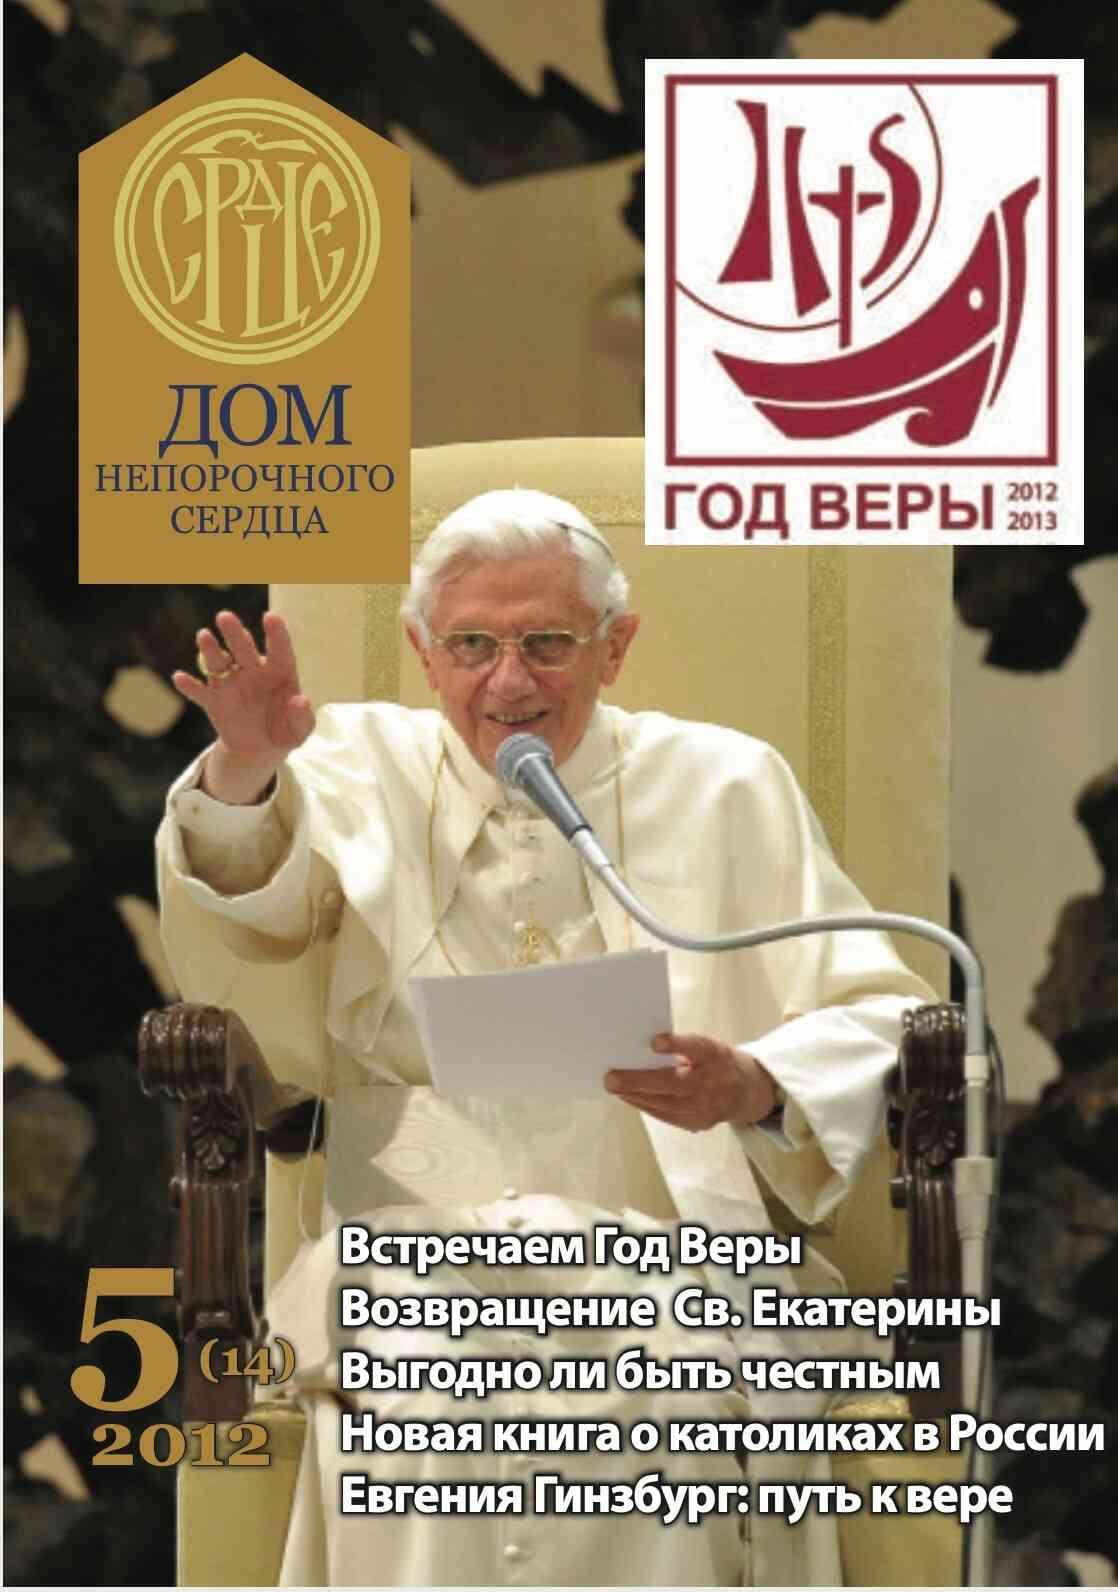 Журнал «Дом Непорочного Сердца» № 5 (14) 2012 год